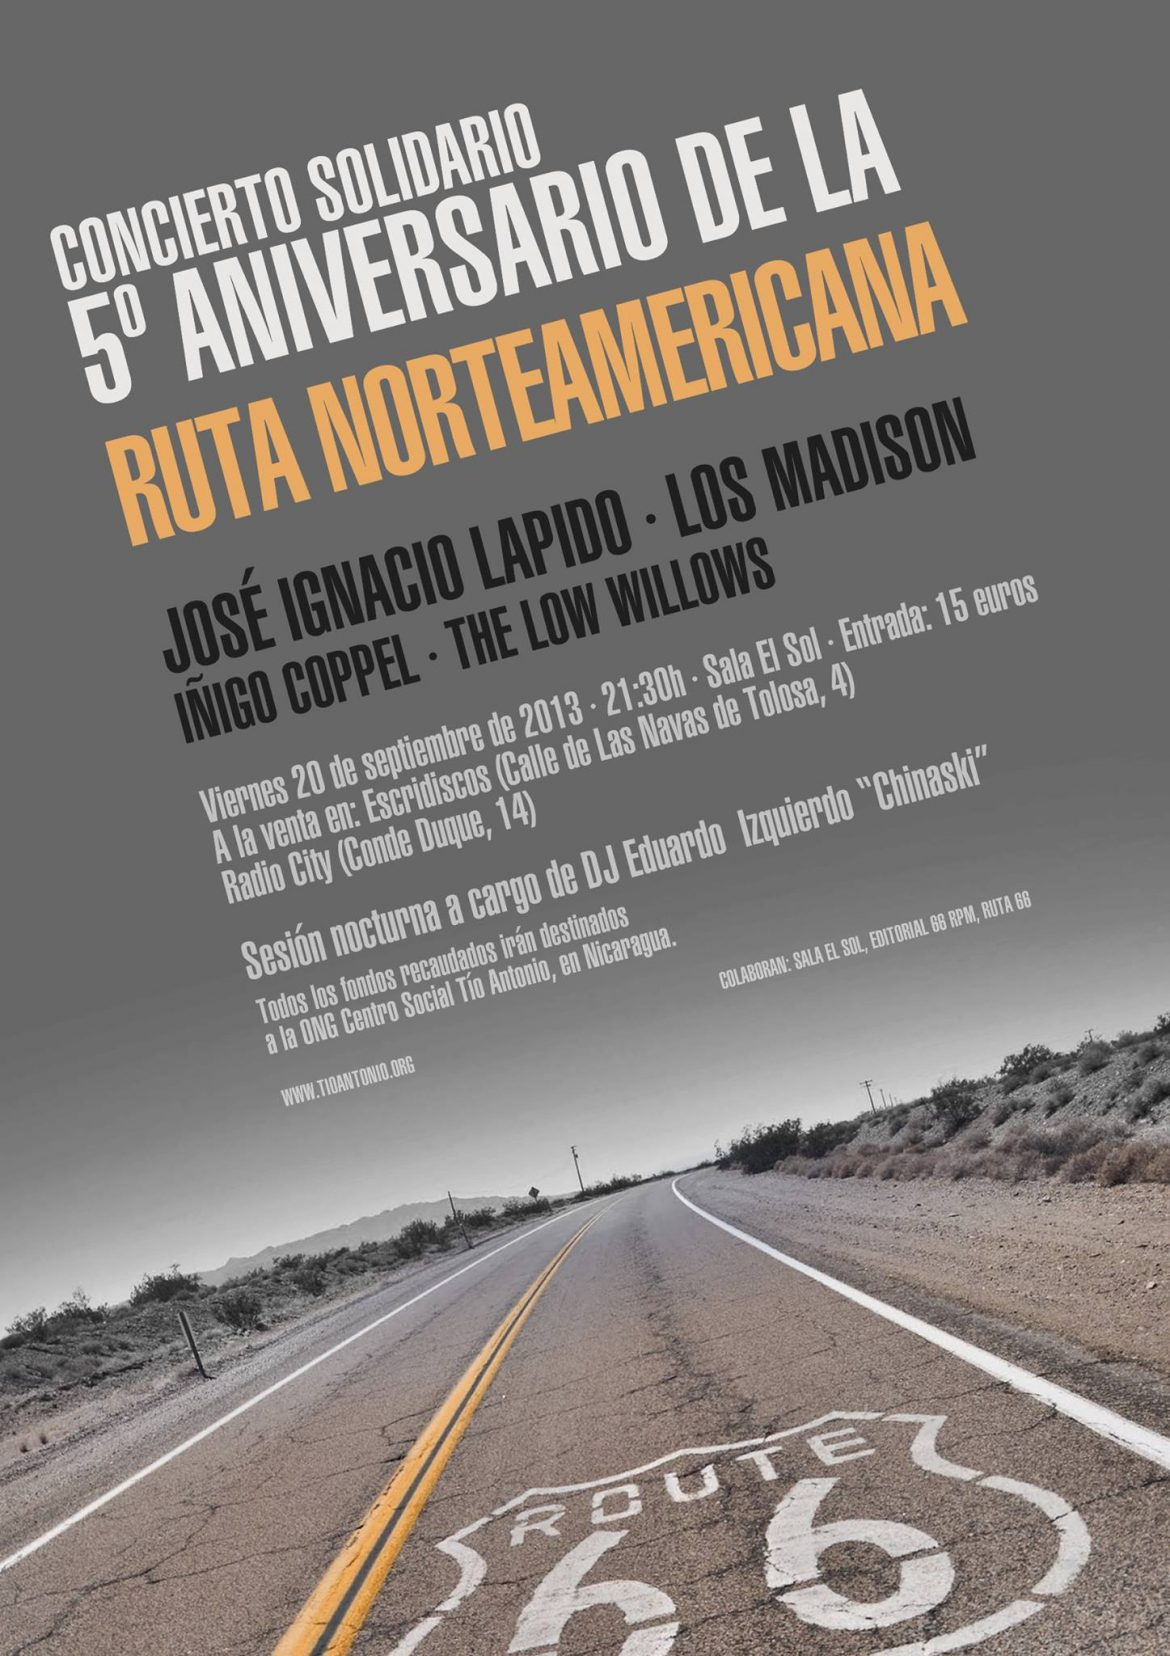 5º Aniversario del blog La Ruta Norteamericana de Fernando Navarro